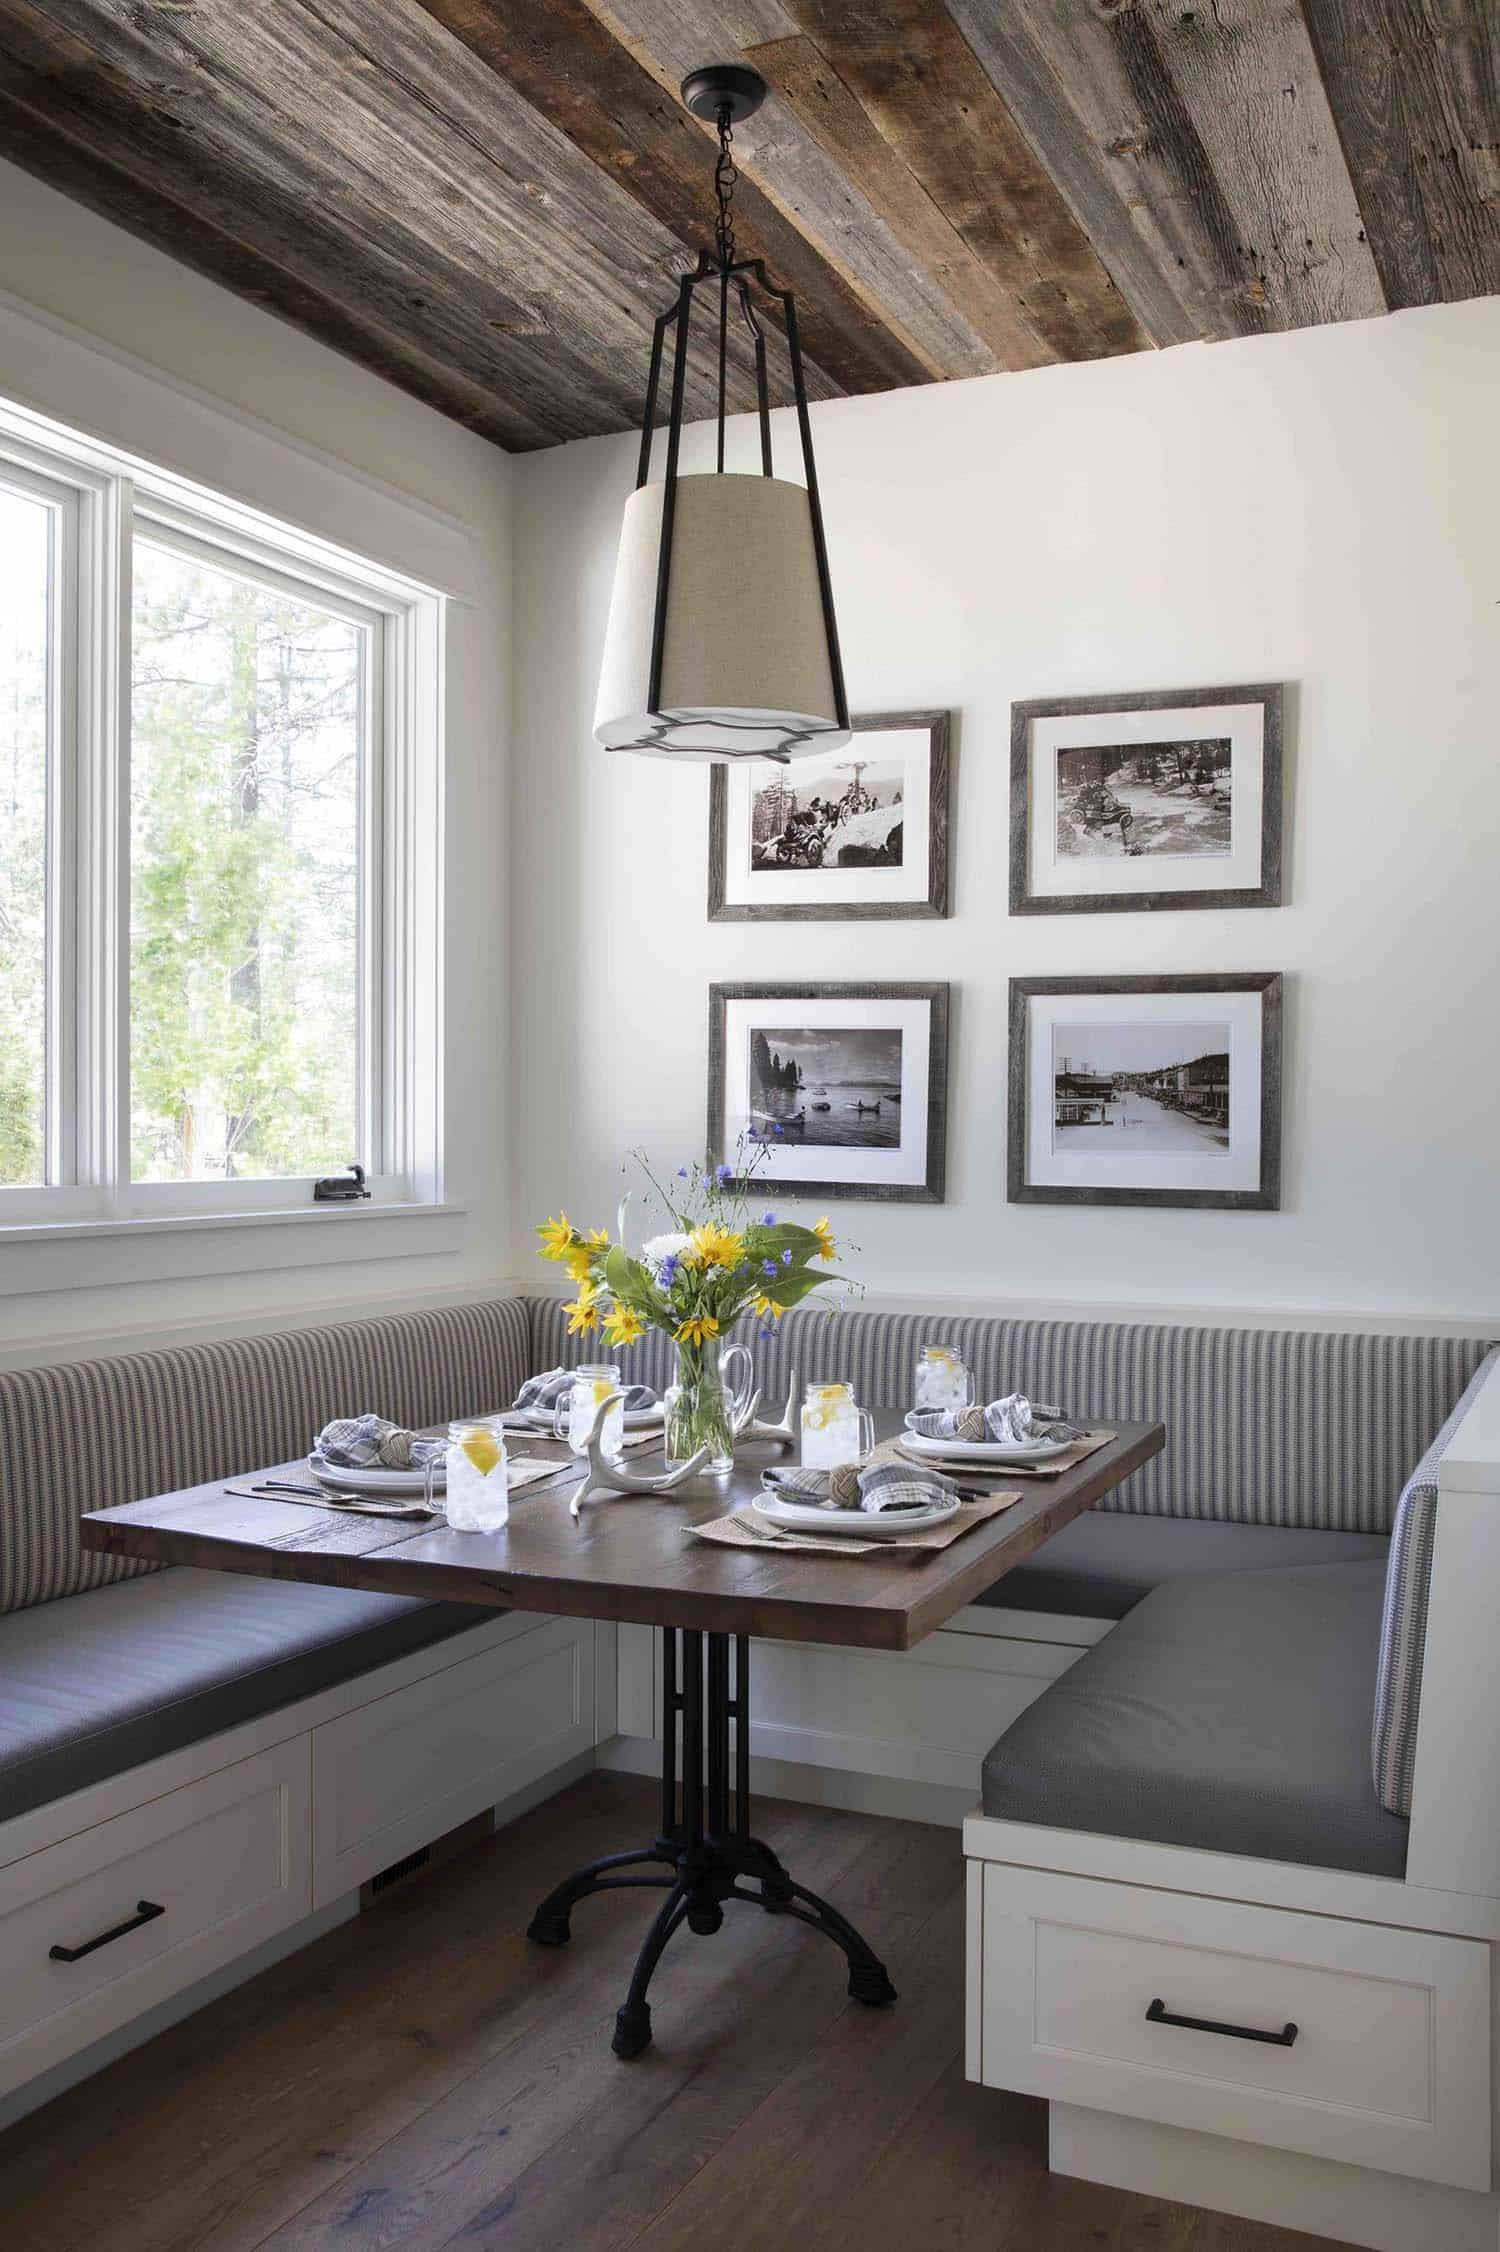 mountain-farmhouse-style-kitchen-breakfast-nook